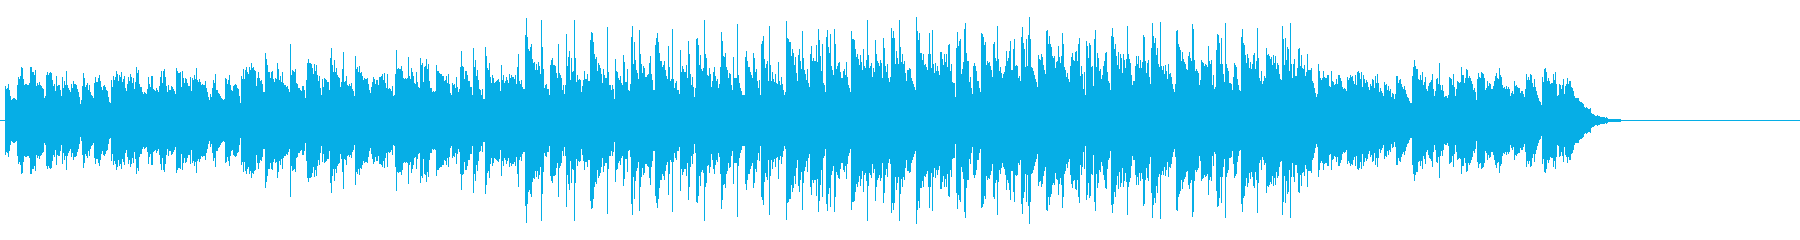 怪しげなマイナーエレクトリックポップスの再生済みの波形